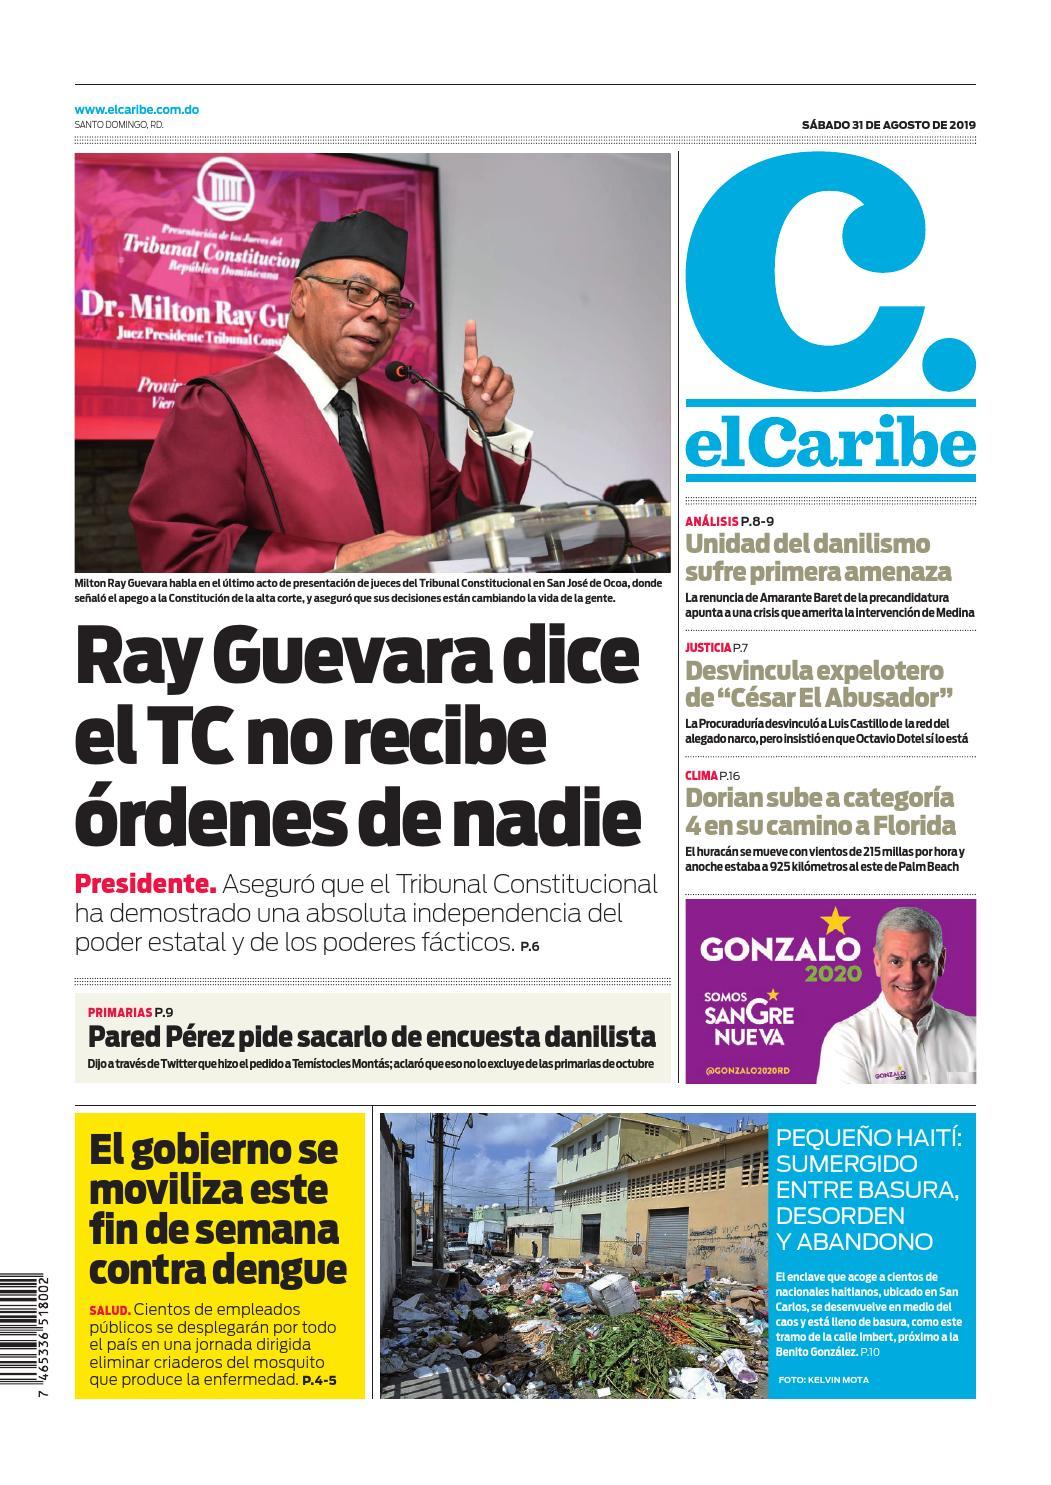 Portada Periódico El Caribe, Sábado 30 de Agosto, 2019